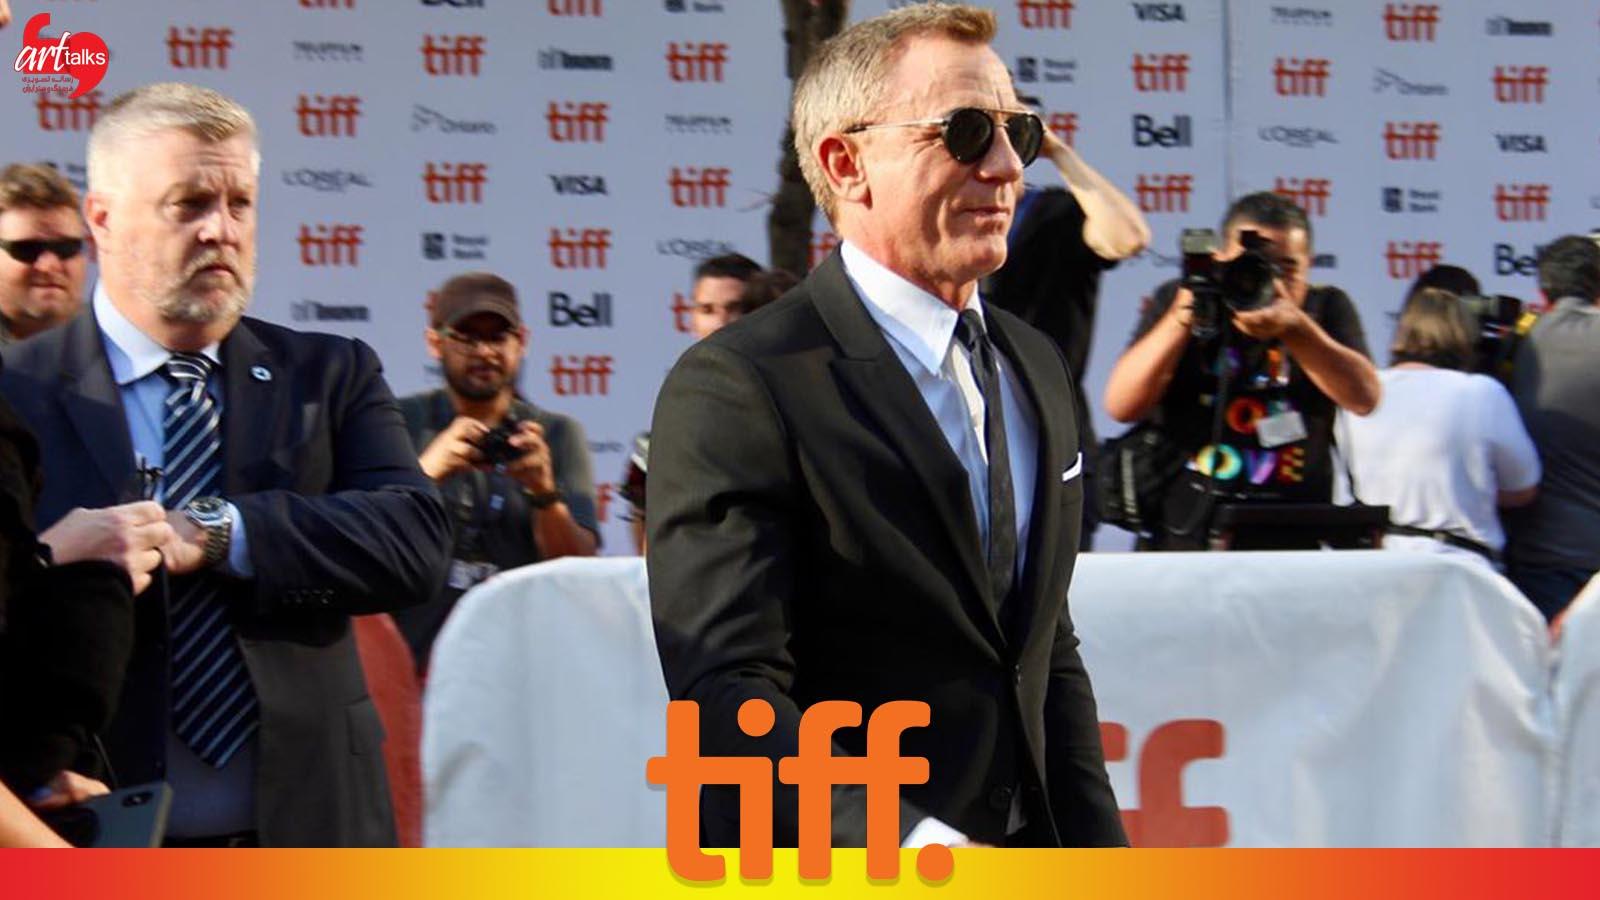 دنیل کریج در جشنواره فیلم تورنتو